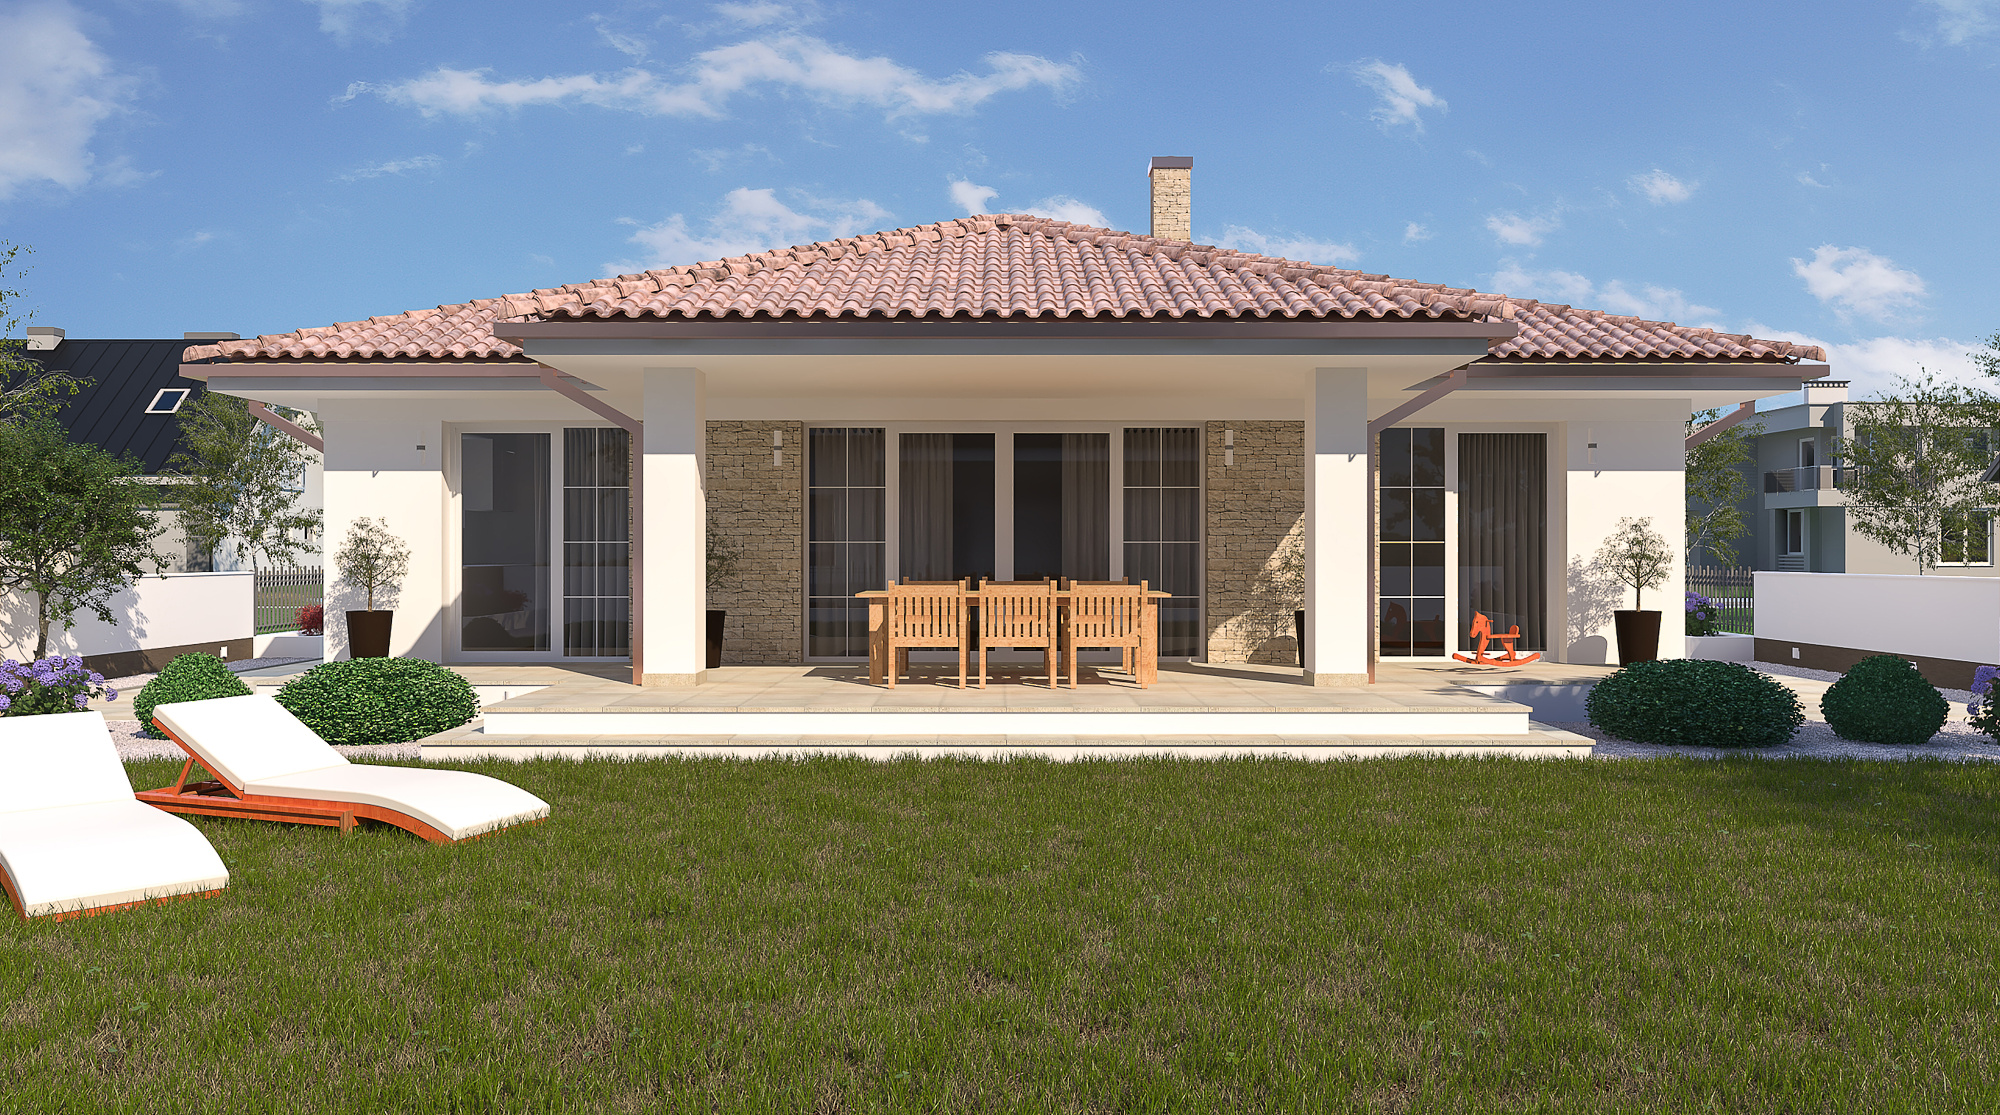 Projekty Rodinných Domov Mfpro